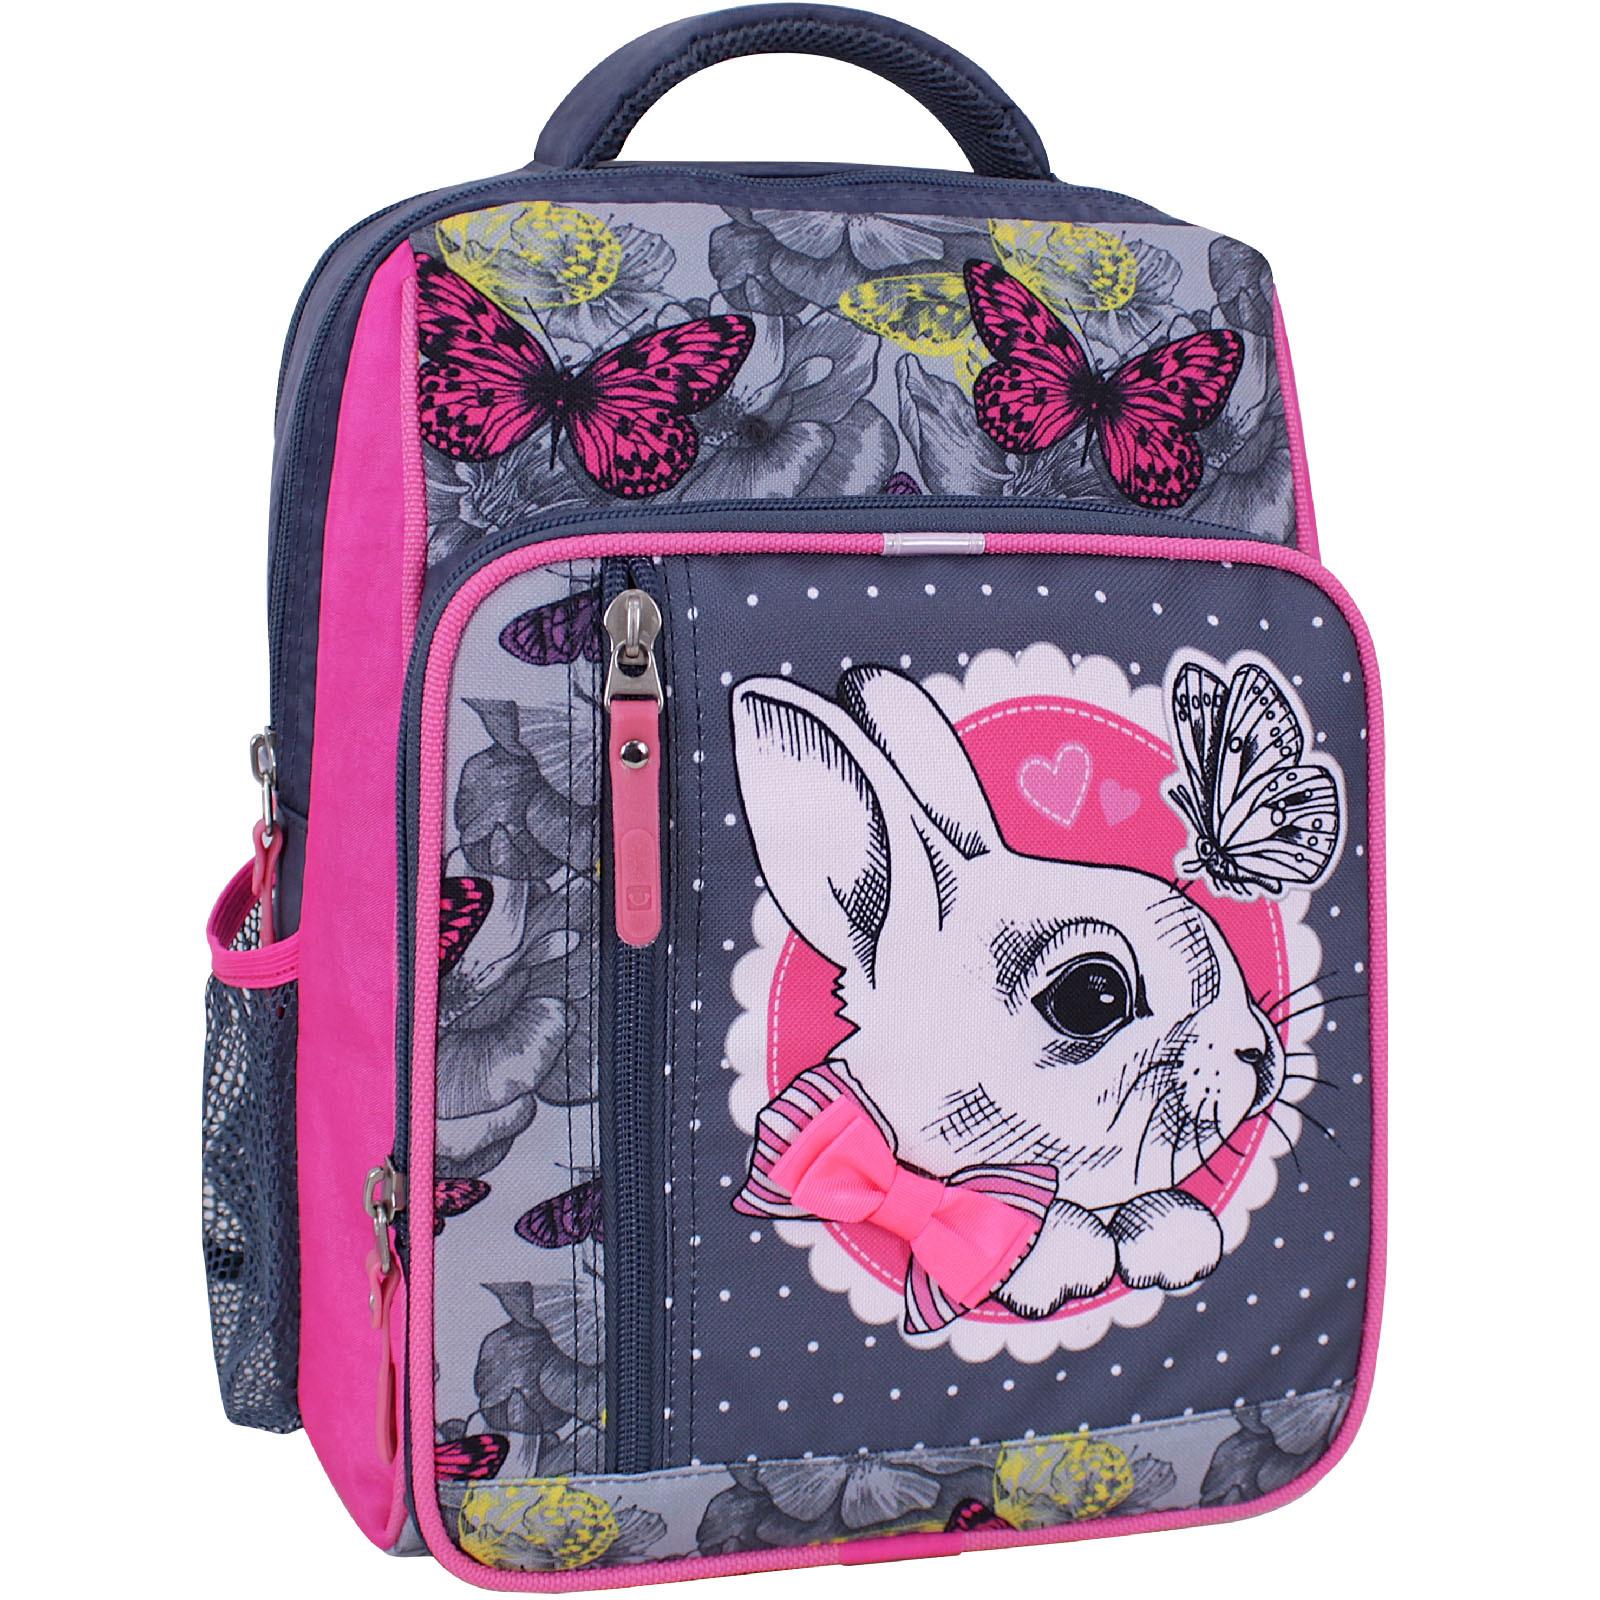 Рюкзак школьный Bagland Школьник 8 л. серый 883 (0012870)